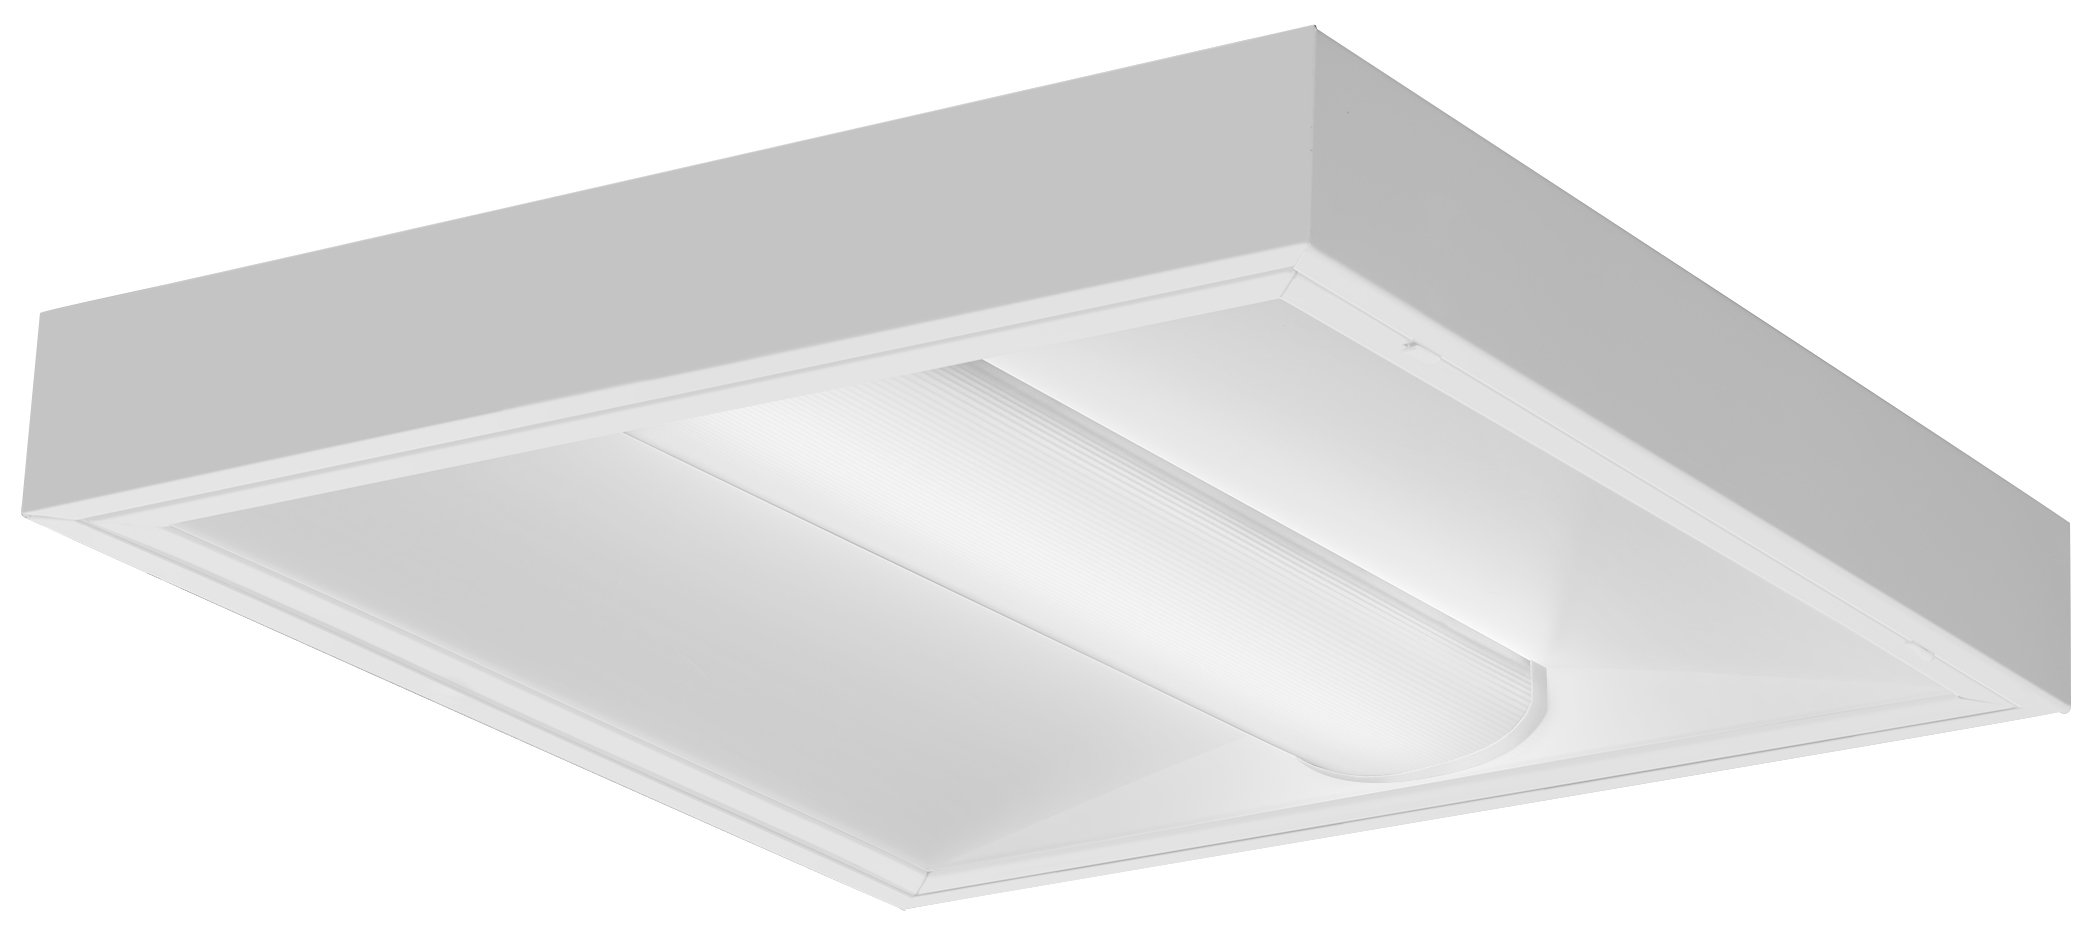 Linear Lighting | Commercial Indoor Lighting | Acuity Brands